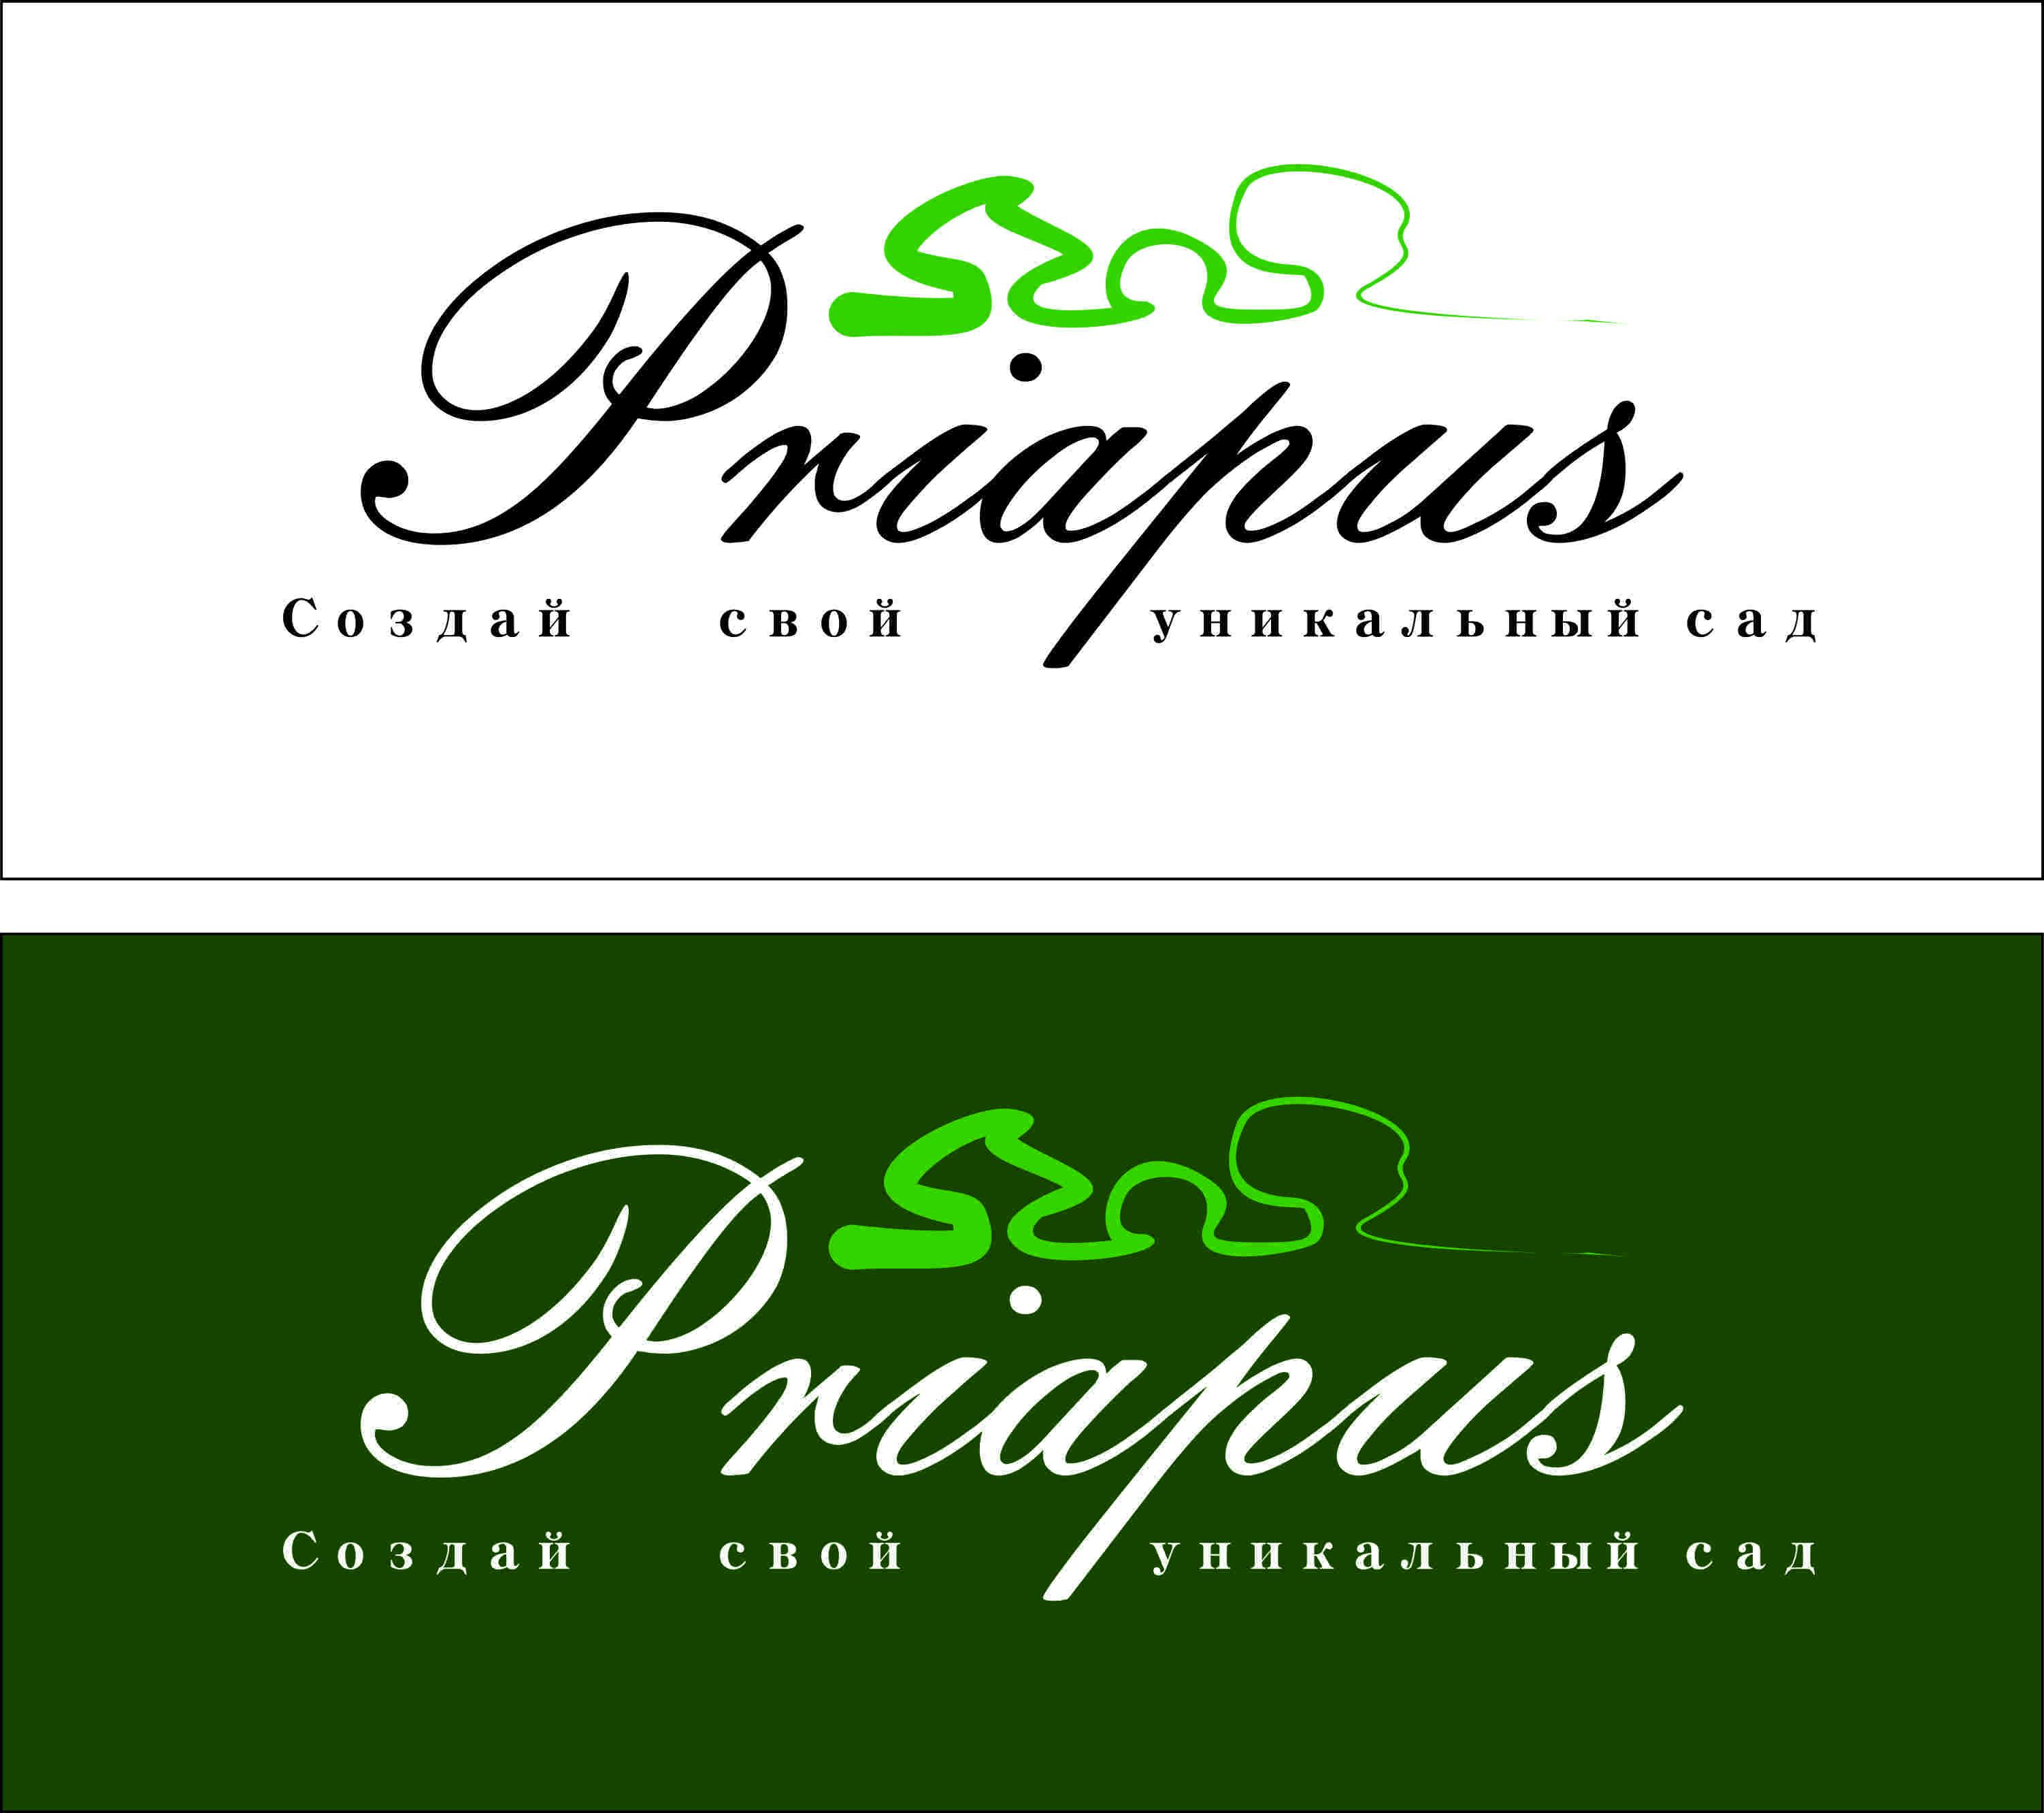 Разработка название садового центра, логотип и слоган фото f_0635a7ad08f975c5.jpg